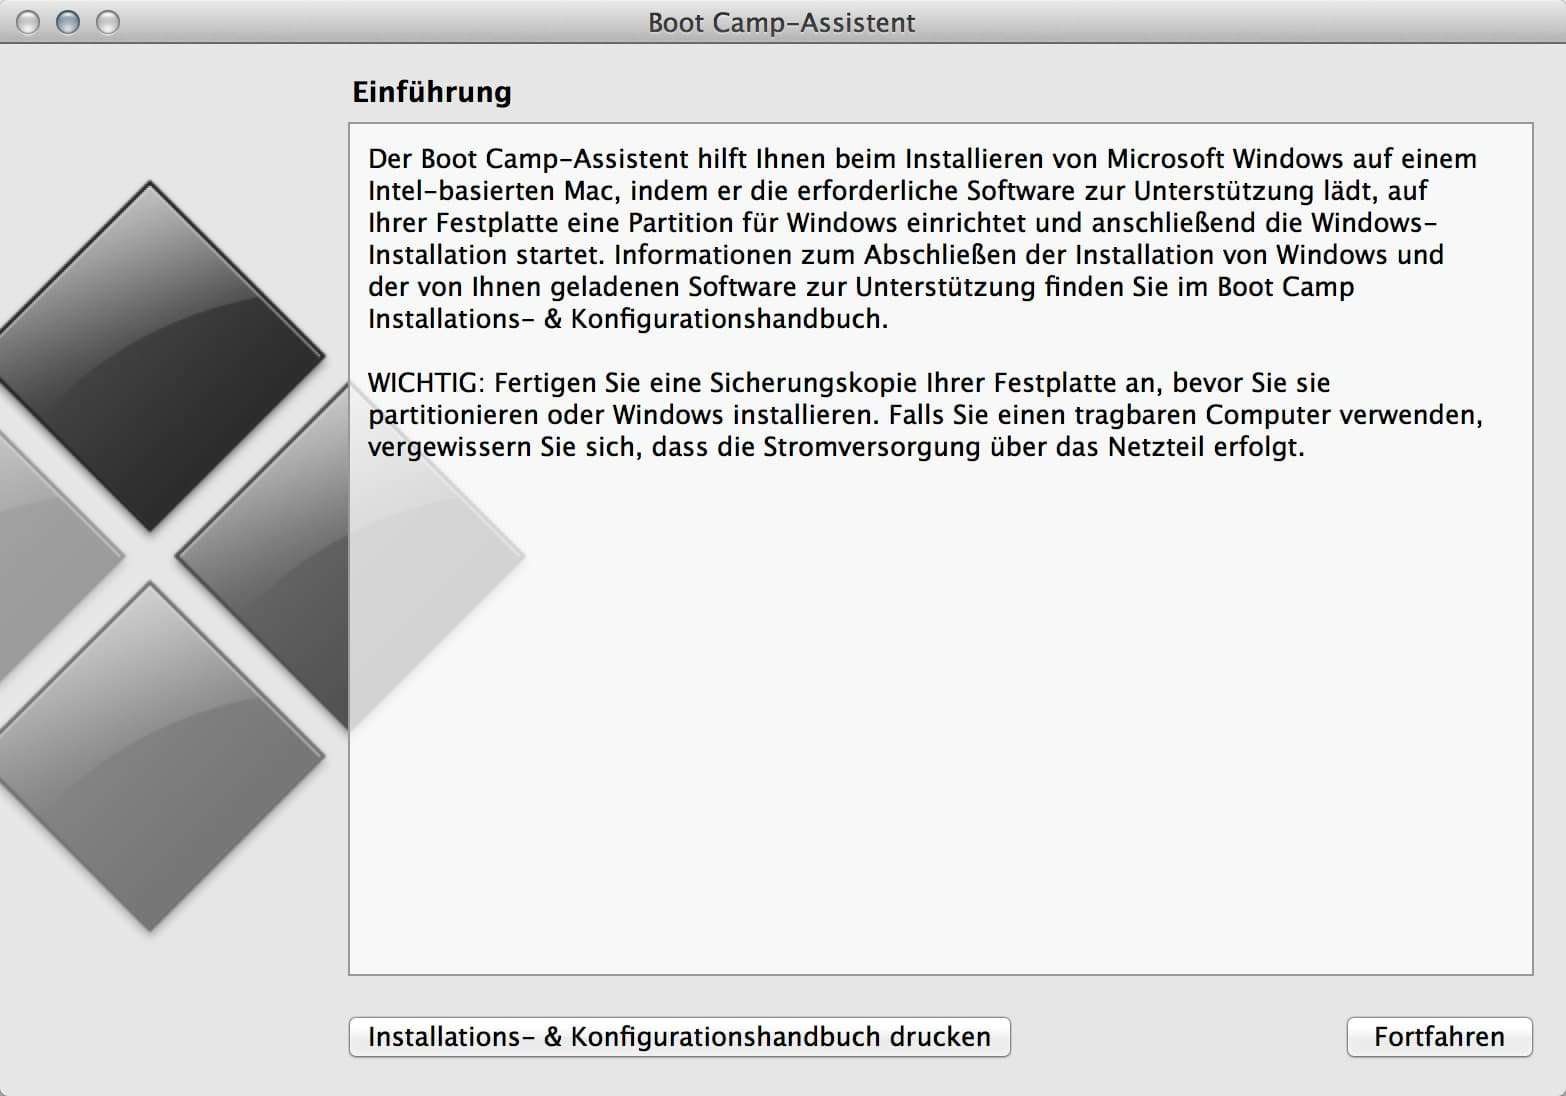 Bootcamp vom Mac Pro 2013 unterstützt kein Windows 7 mehr